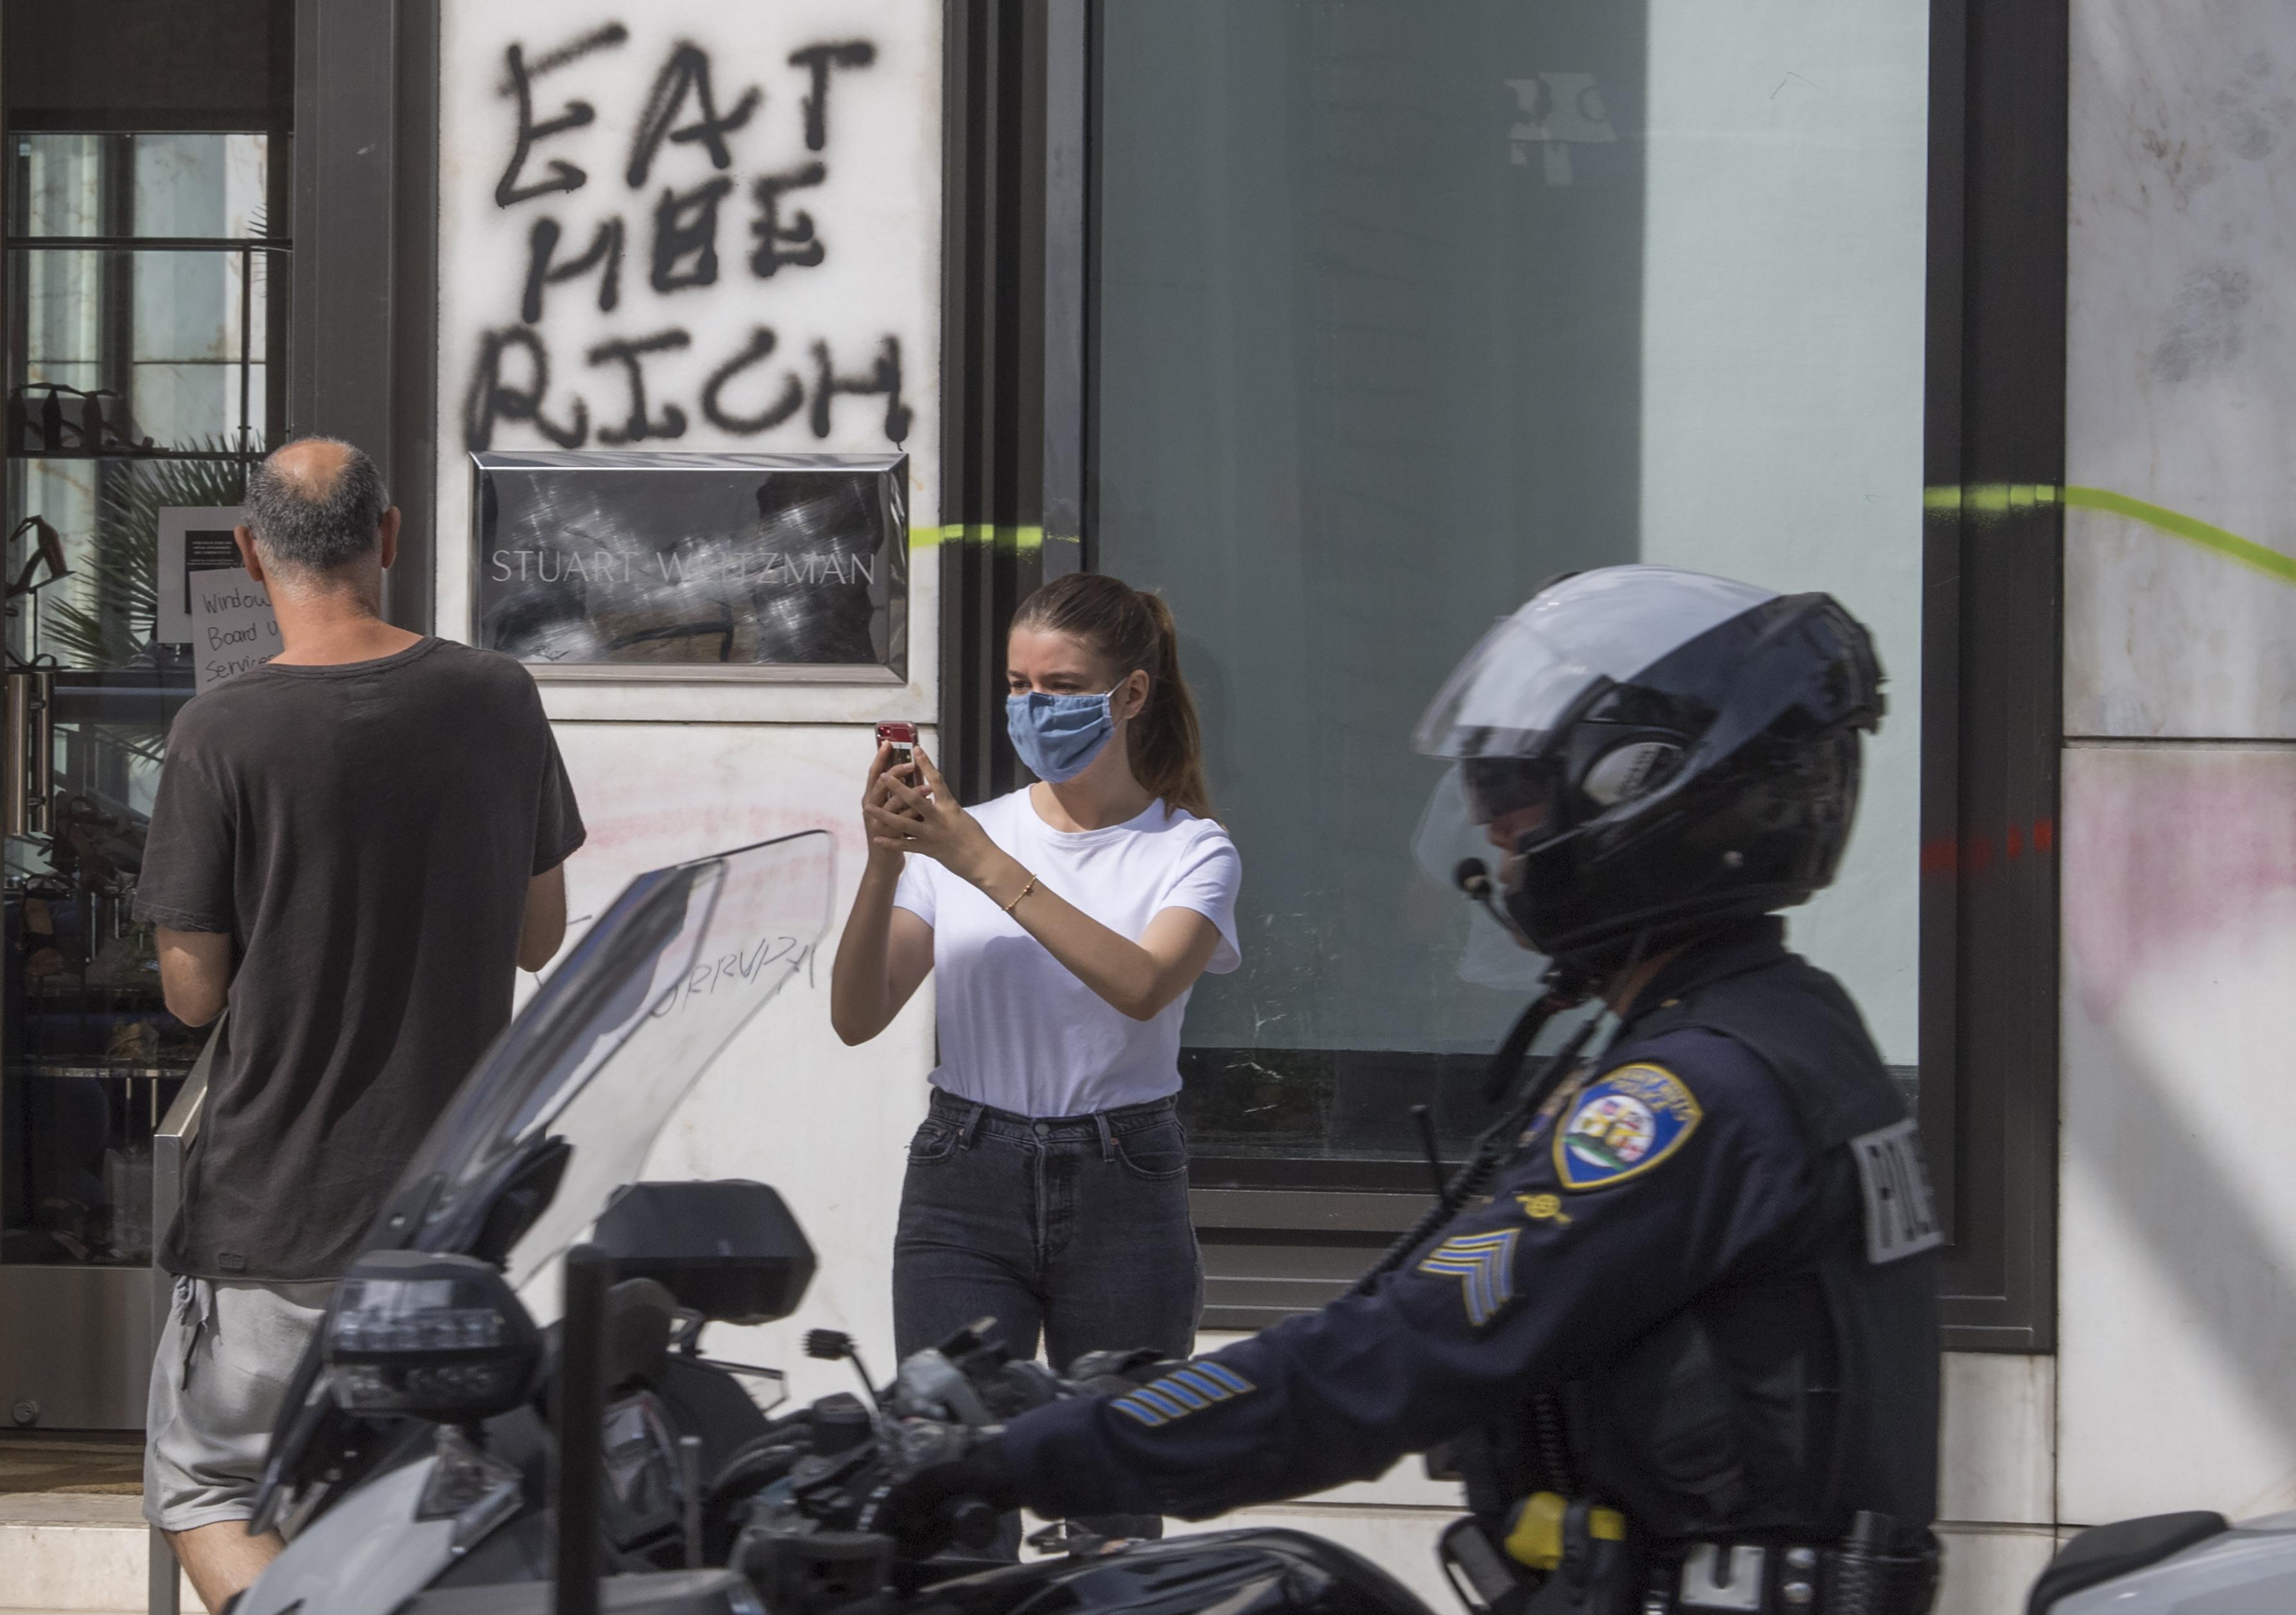 防大选日骚乱 洛市警局和商家严阵以待